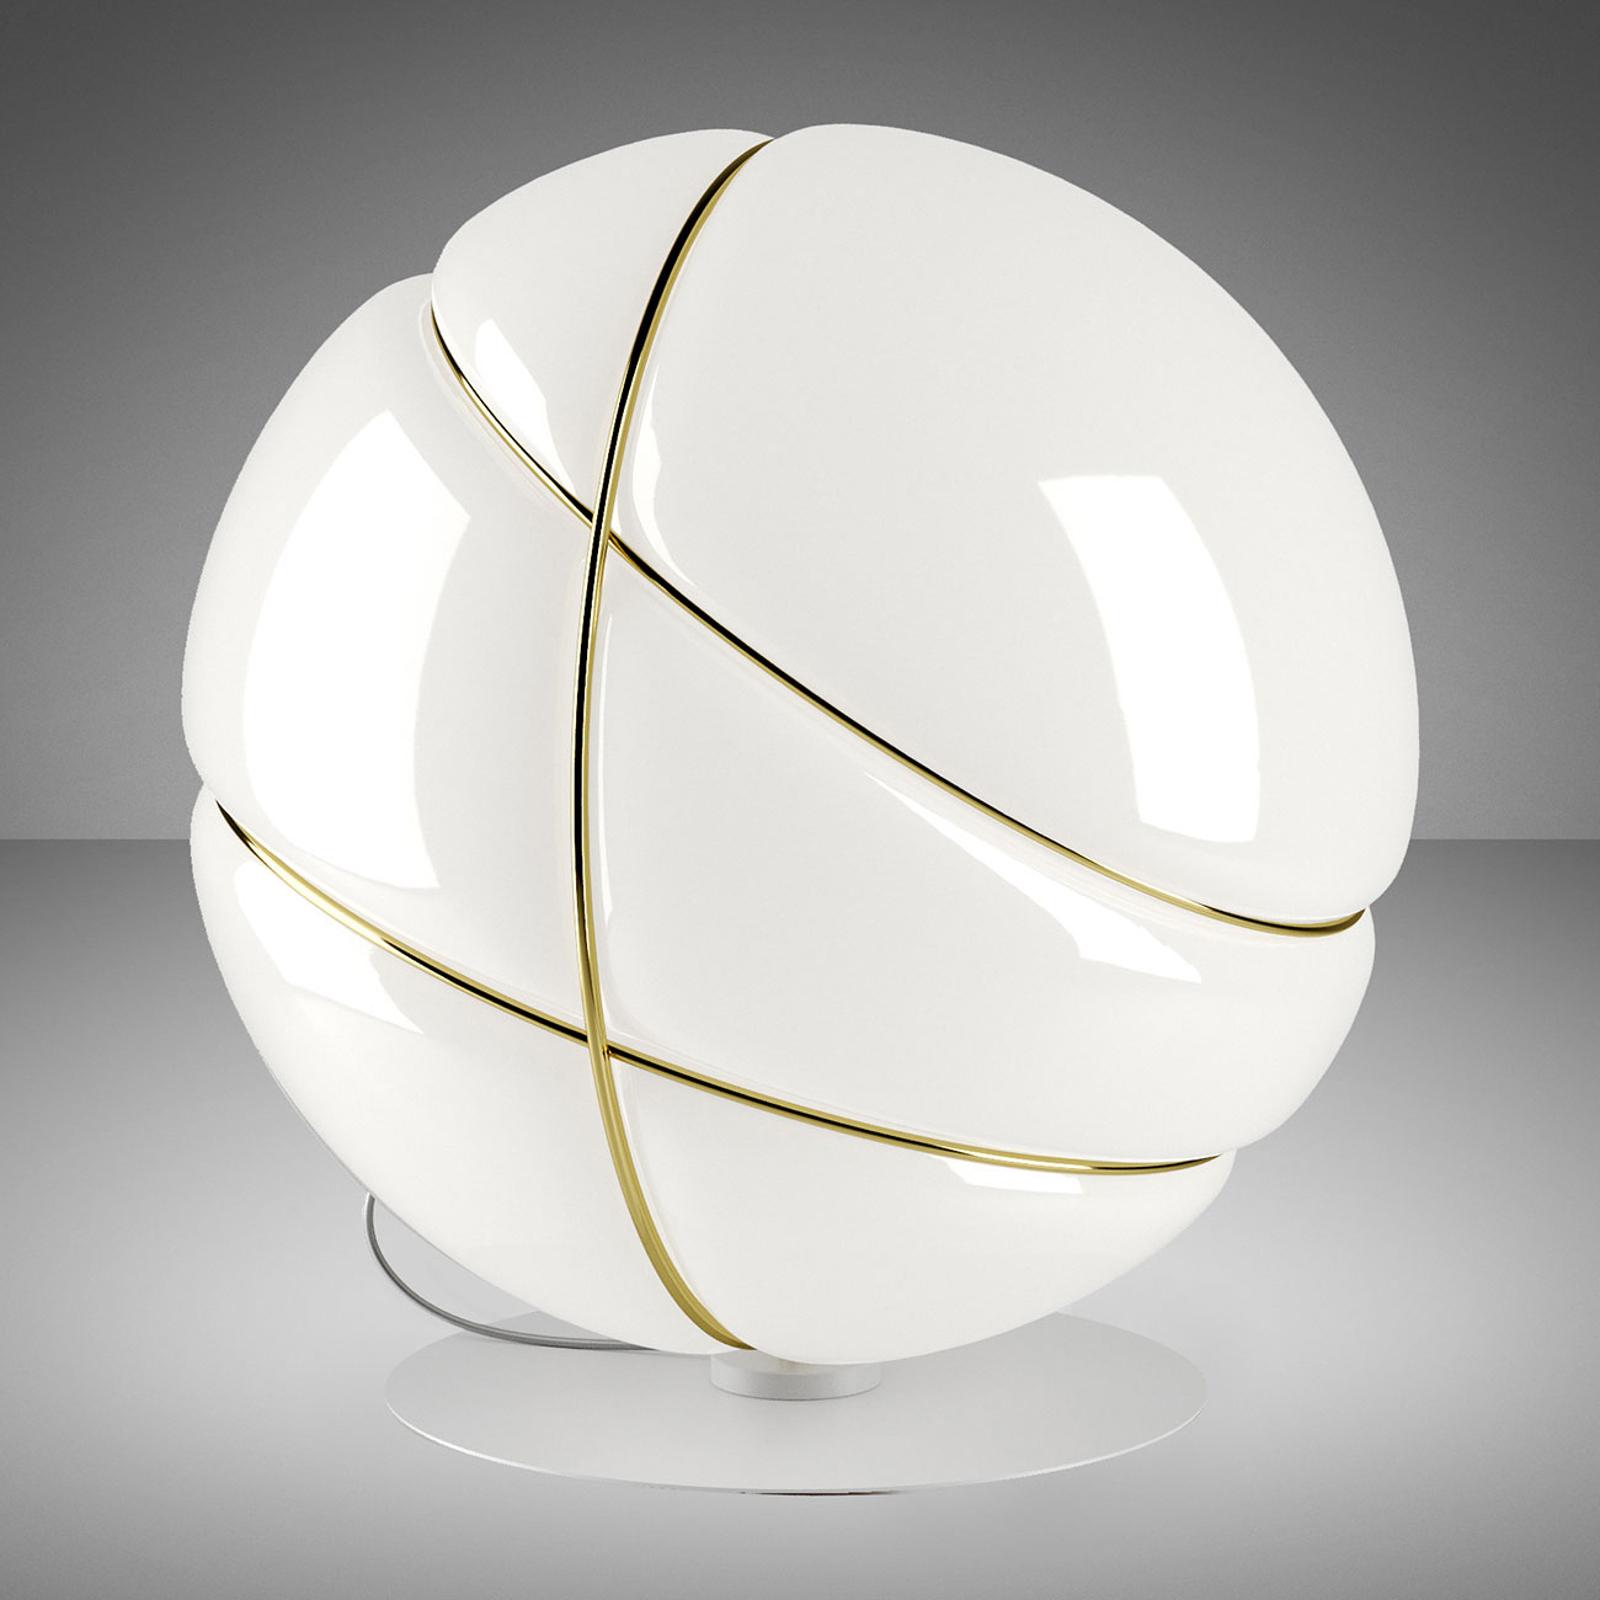 Fabbian Armilla Glas-Tischleuchte weiß, gold